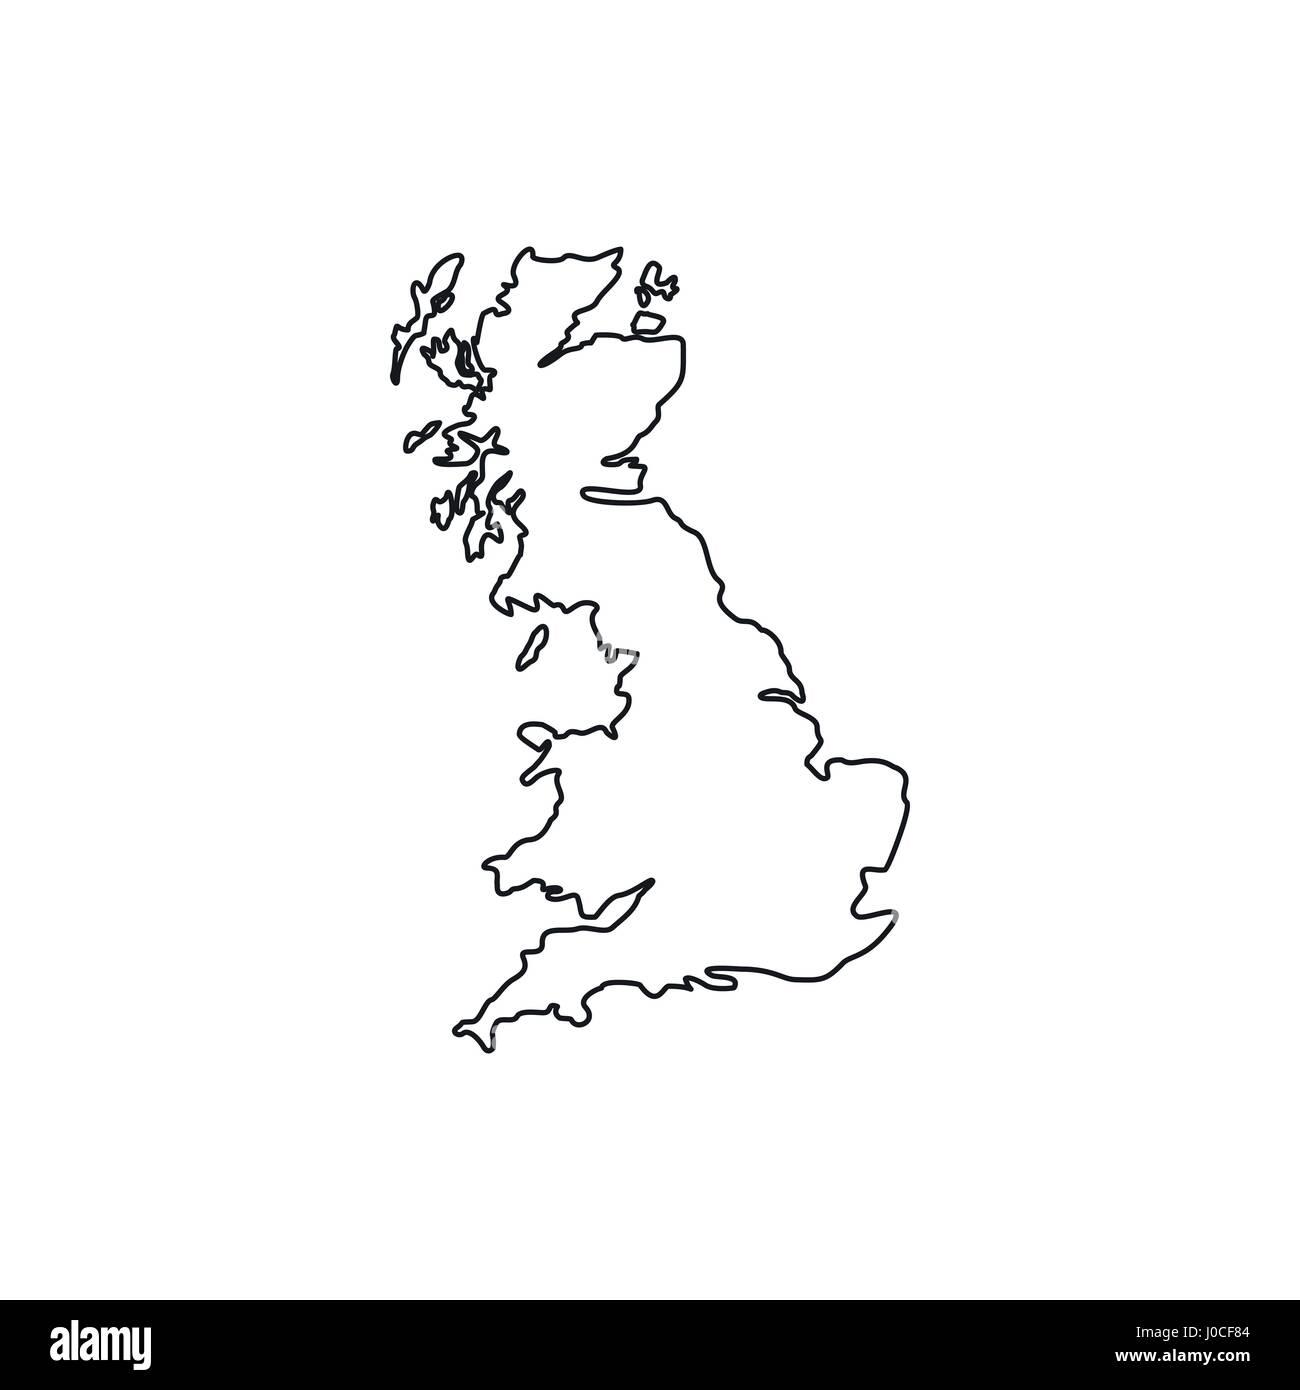 Großbritannien Karte Umriss.Karte Von Großbritannien Symbol Umriss Stil Vektor Abbildung Bild